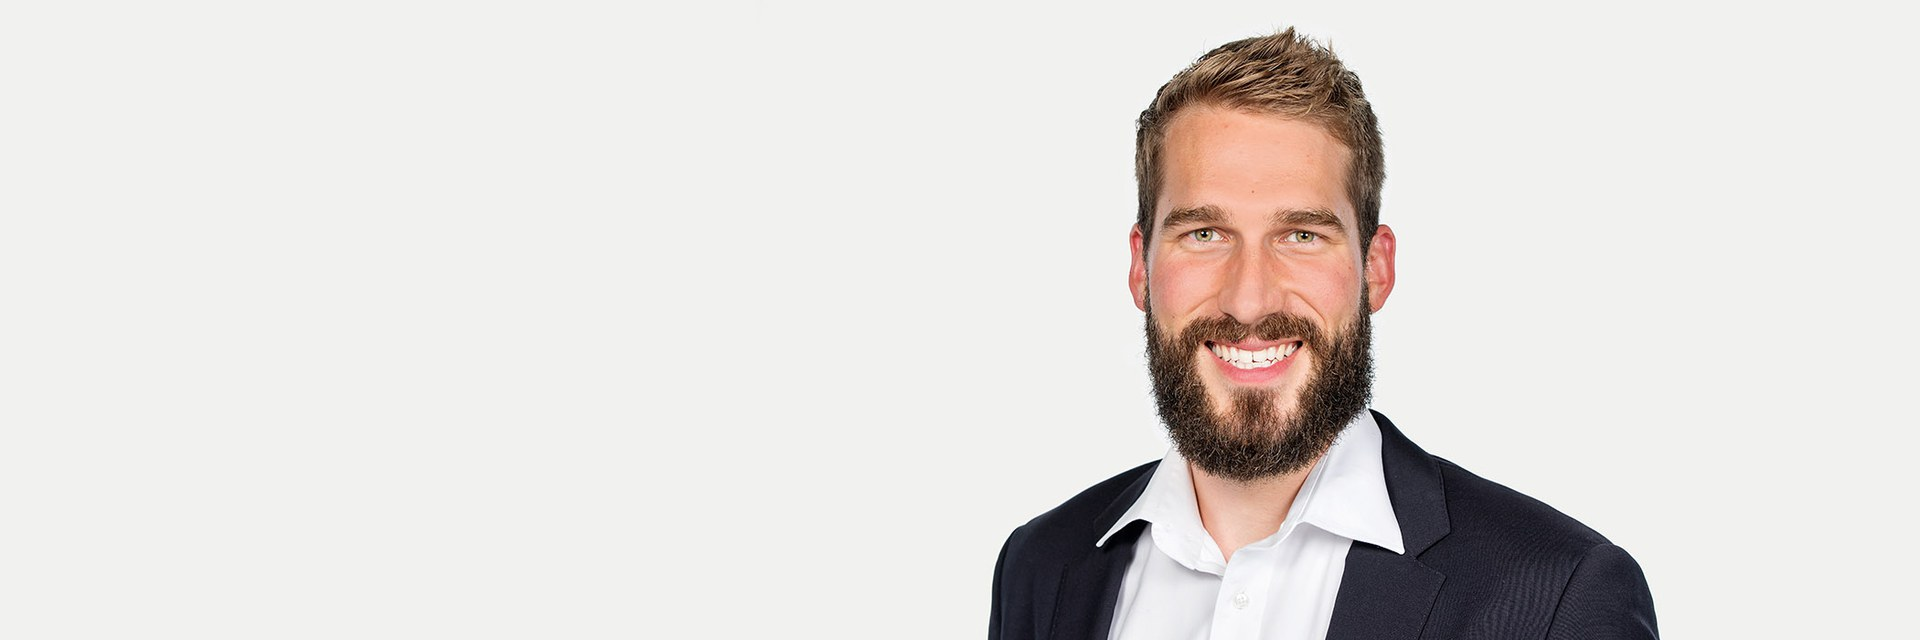 Dr. Thomas Villiger